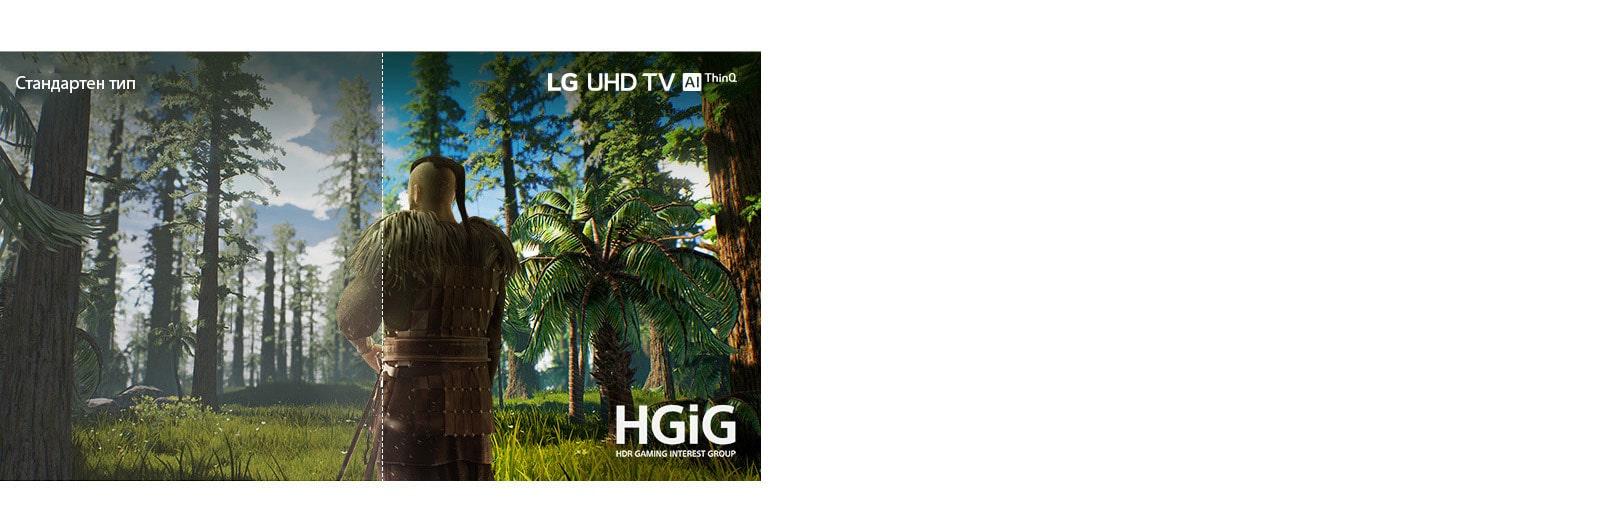 Сцена от игра с чудовище, показана на екрана на стандартен телевизор, а другата половина е на LG NanoCell TV с HDR